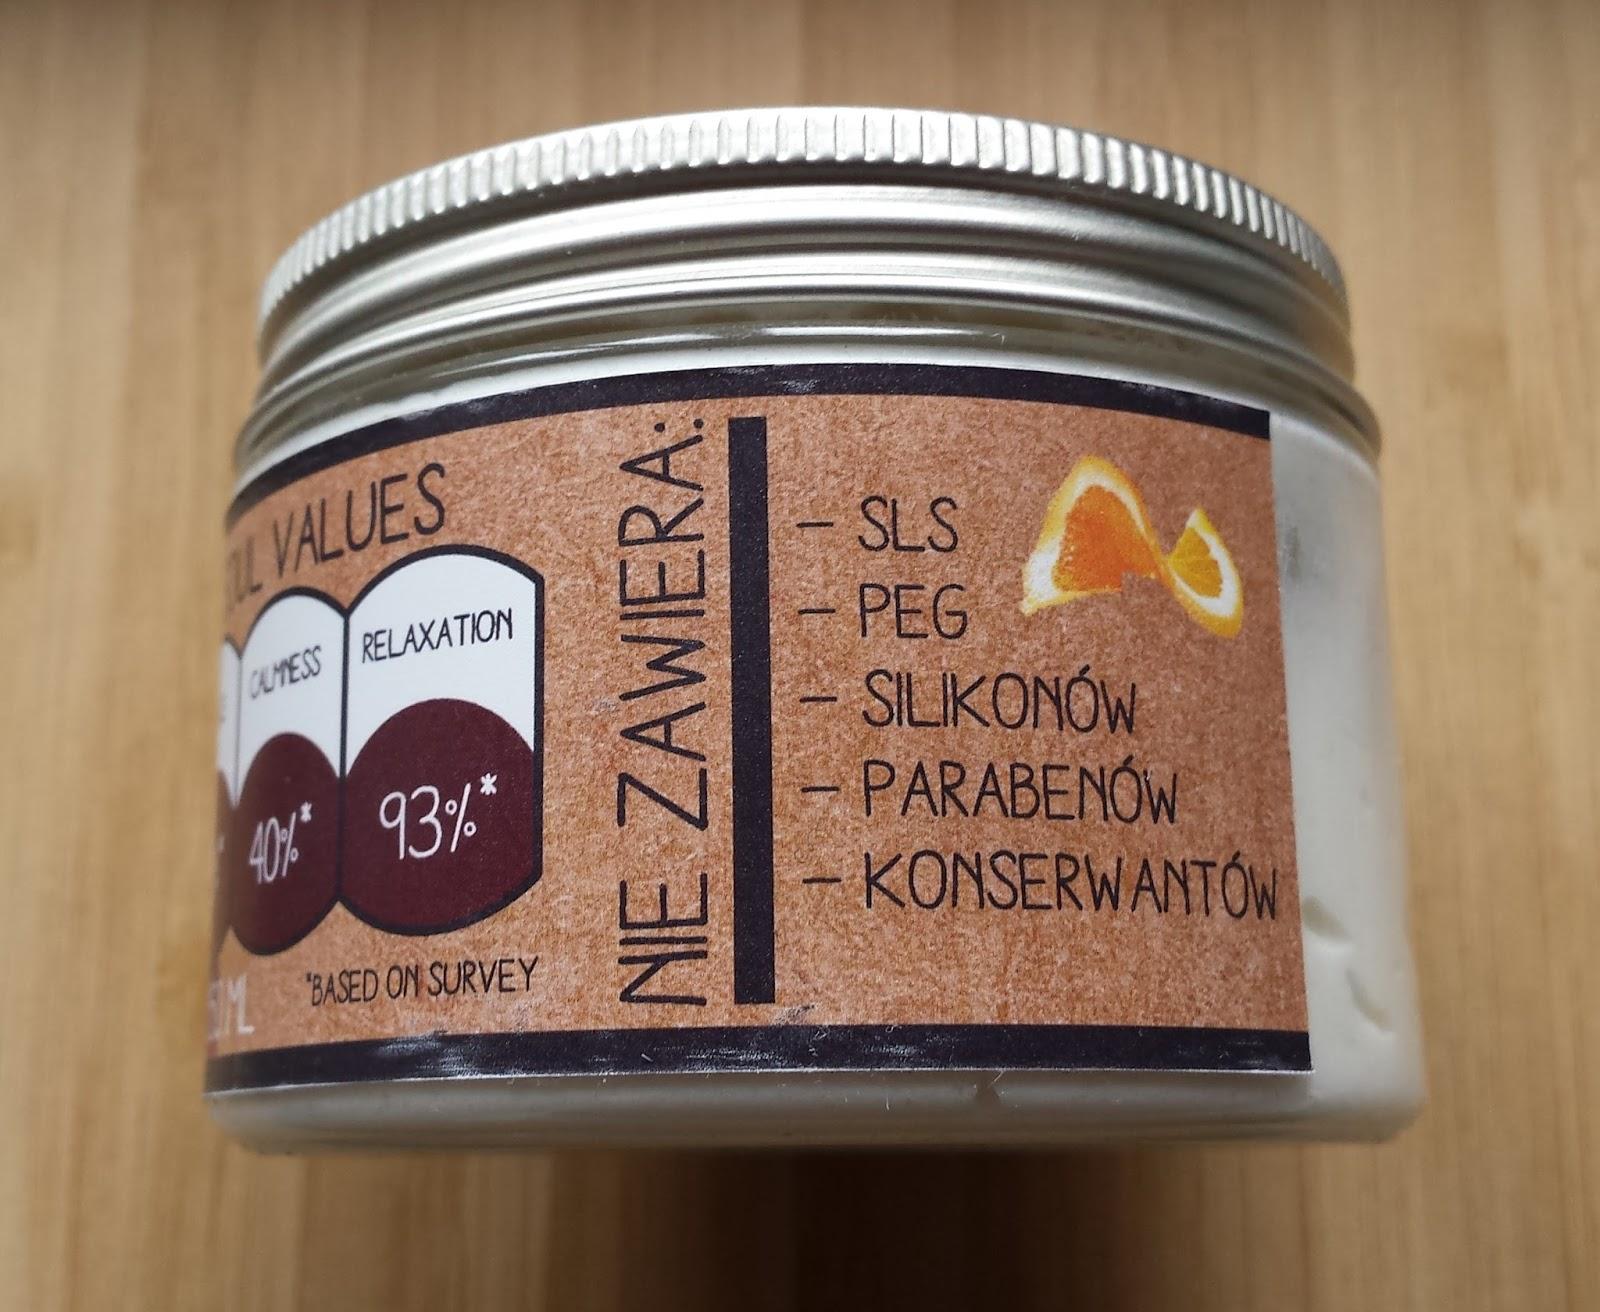 mus do ciała Biolove brownie z pomarańczą, drogeria Kontigo, polski kosmetyki, opinie o Biolove